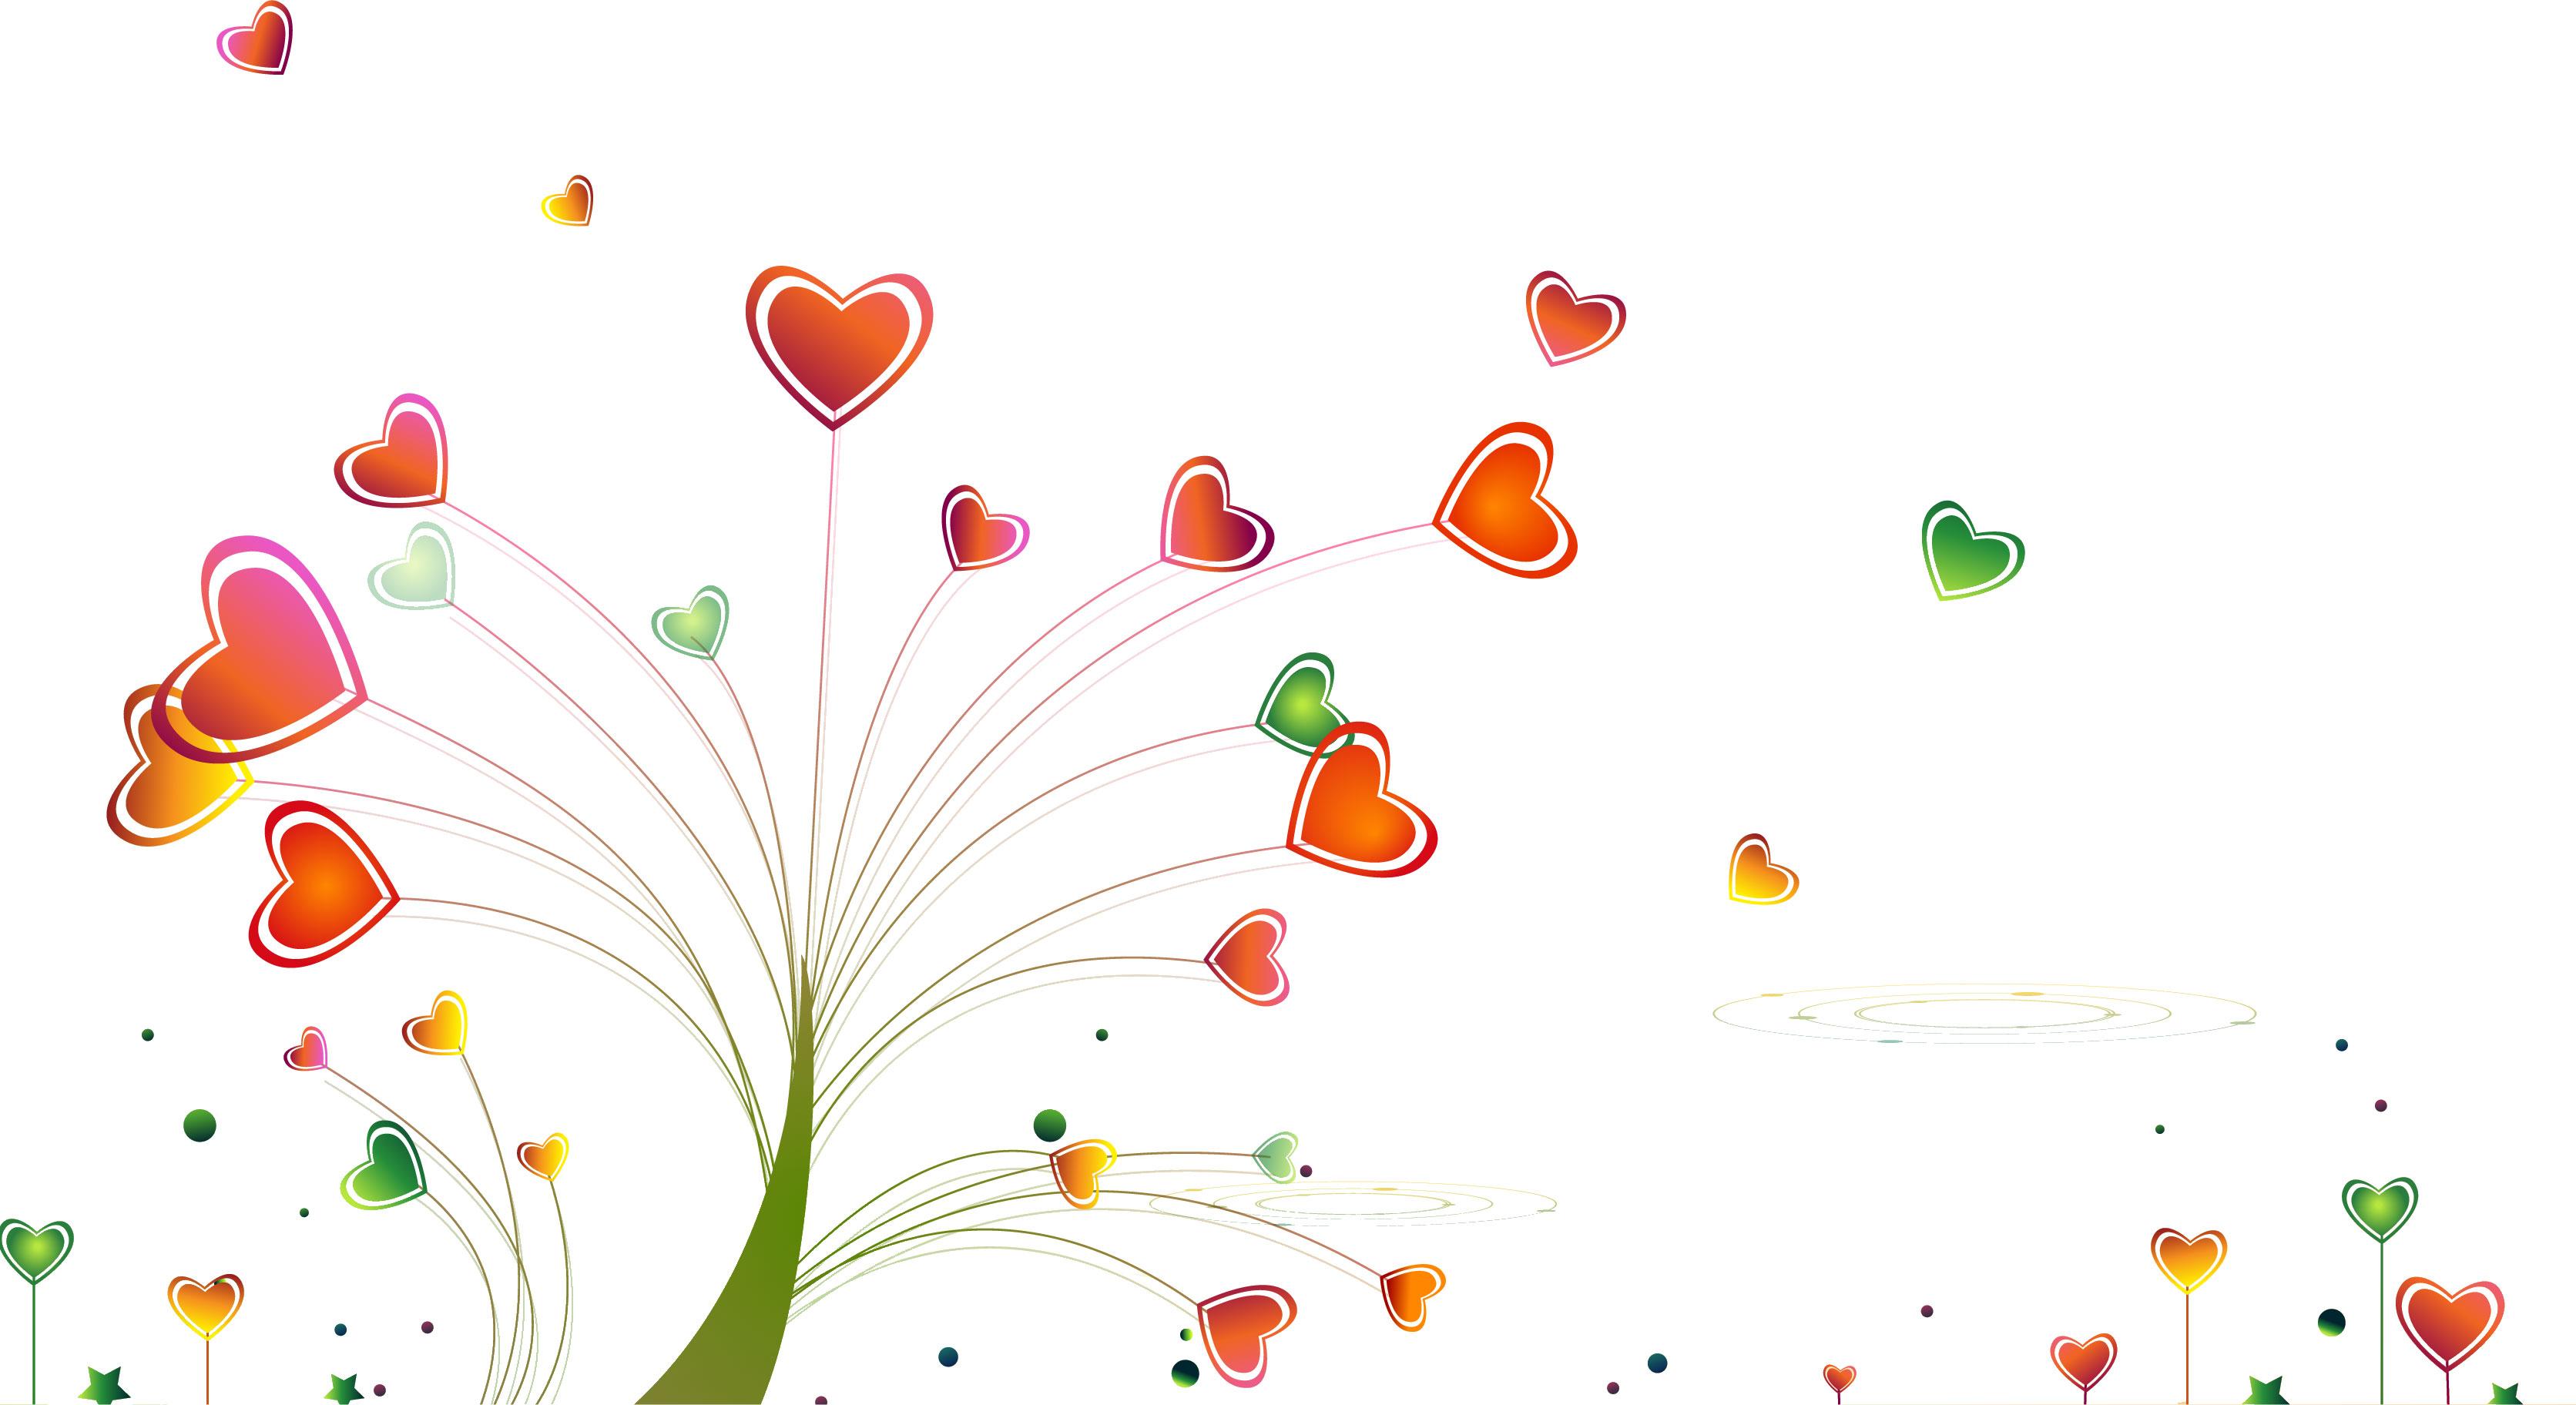 ポップでかわいい花のイラスト・フリー素材/no.129『ハートの木